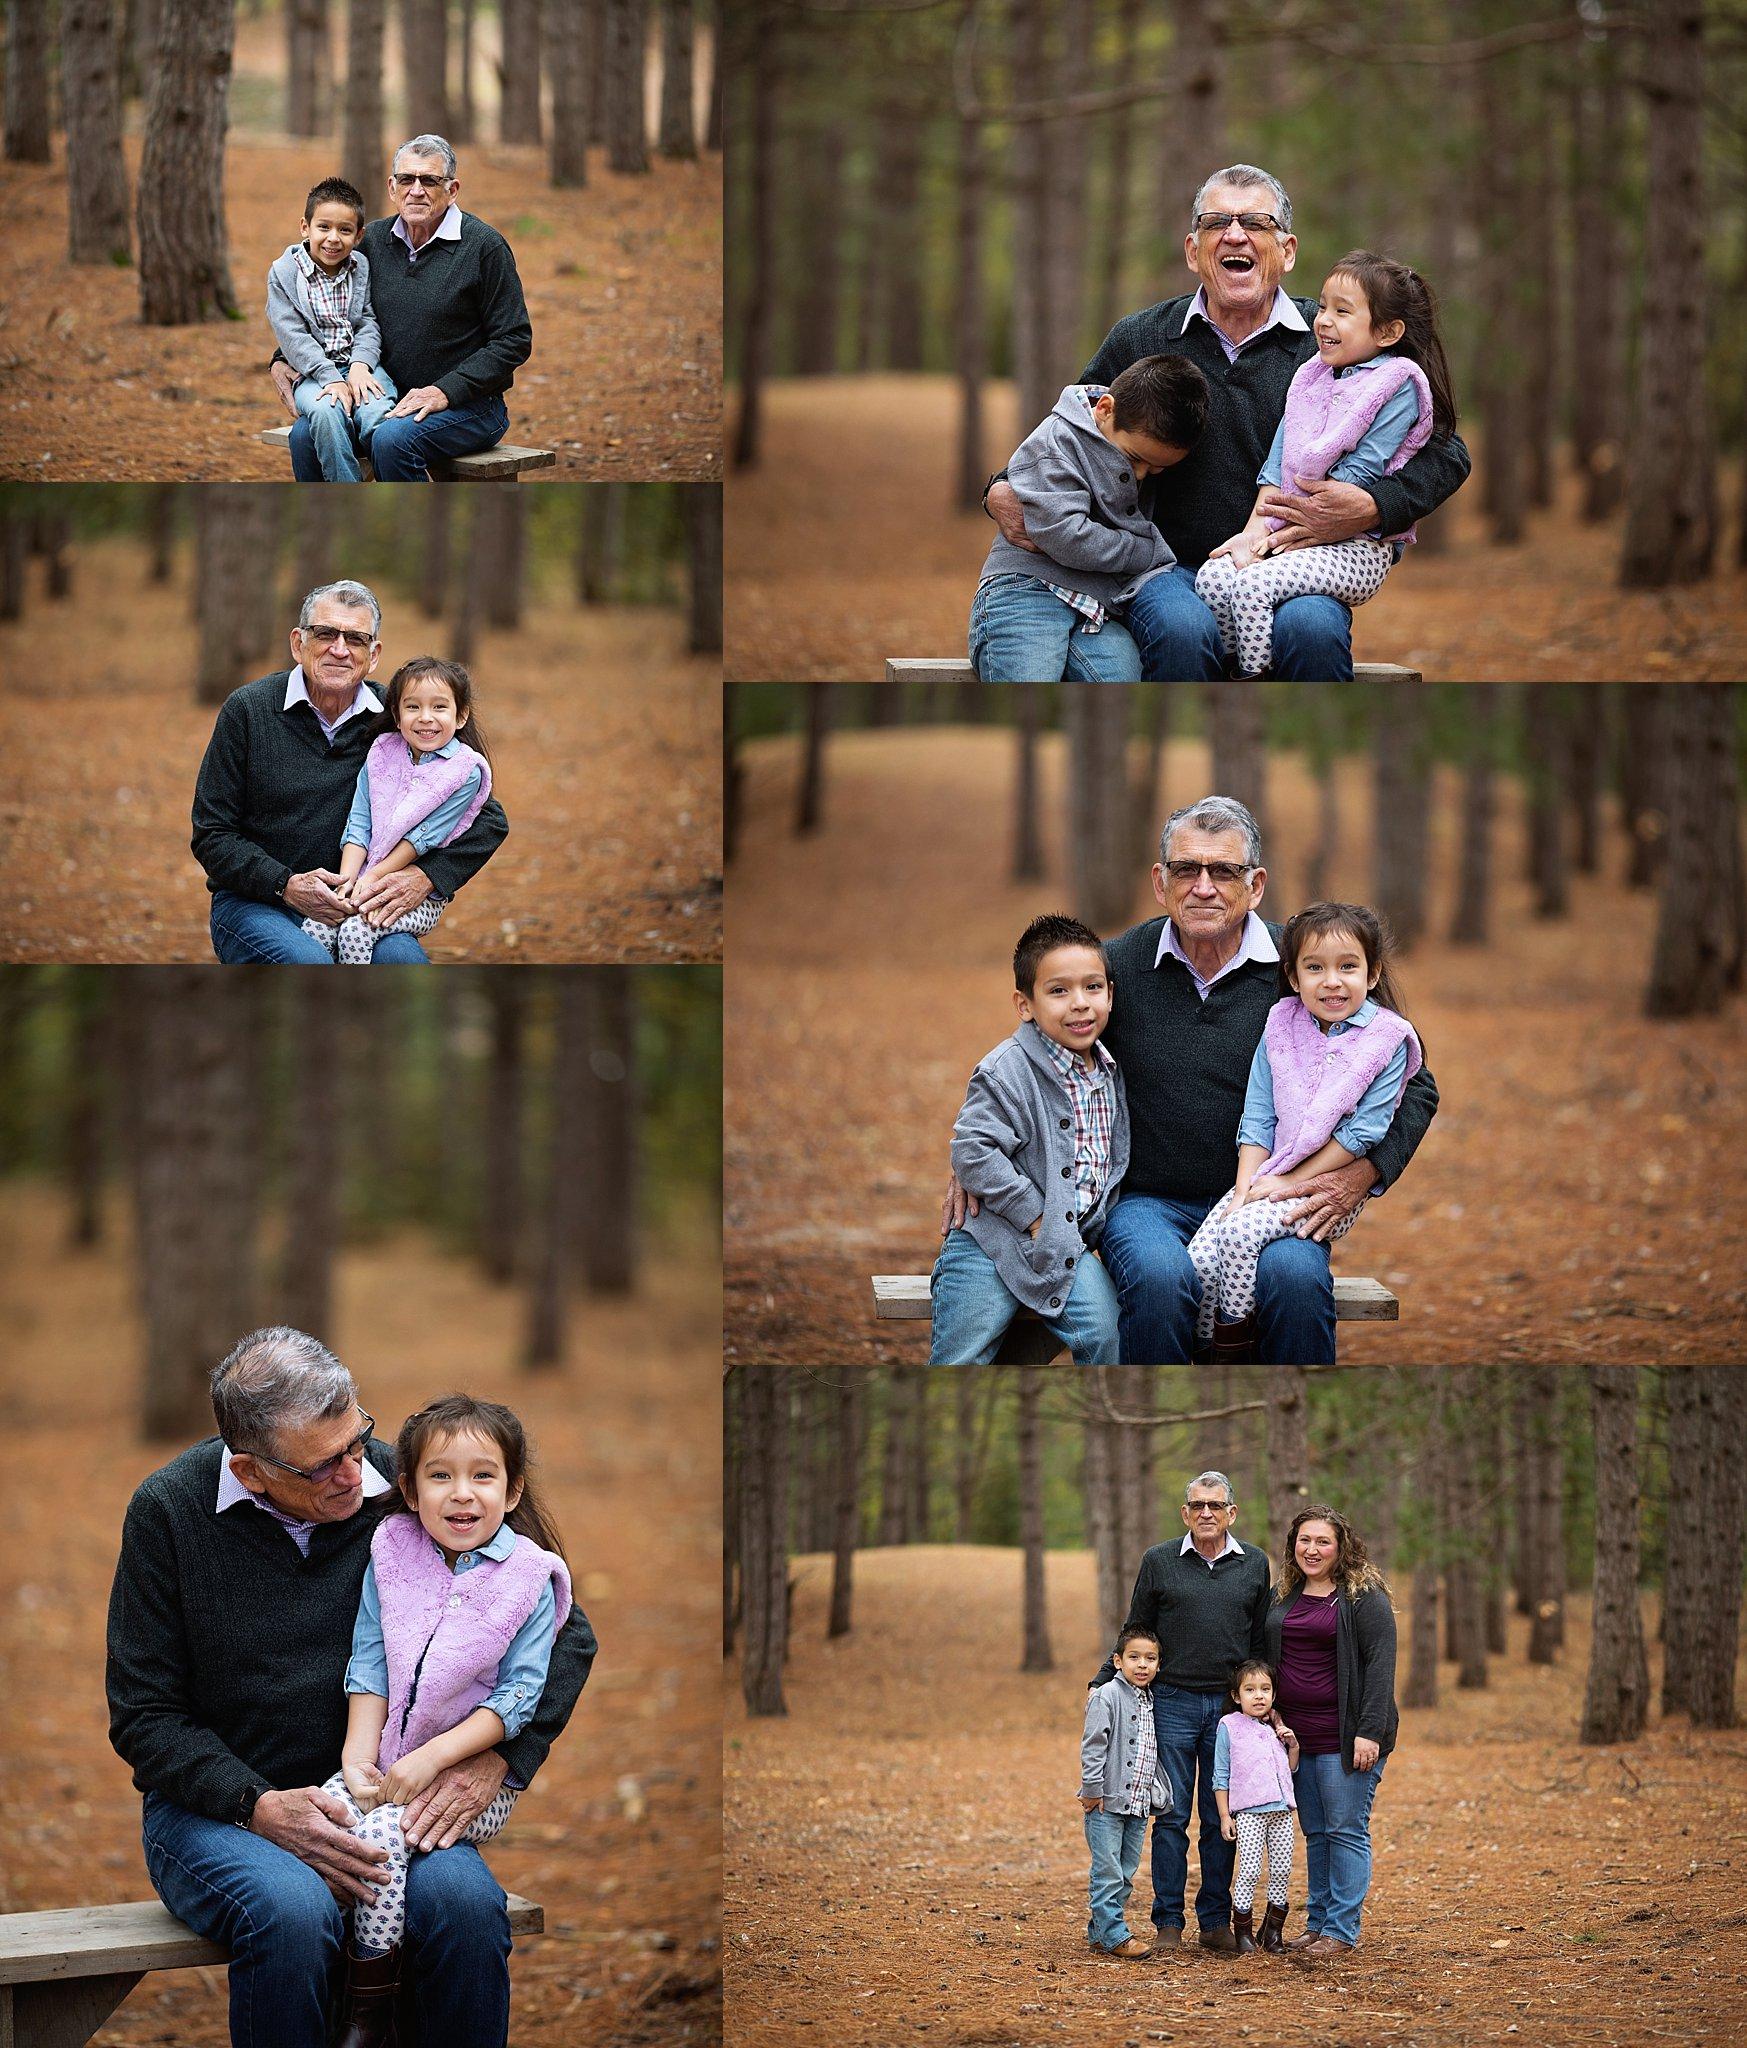 grandchildren with grandpa portraits